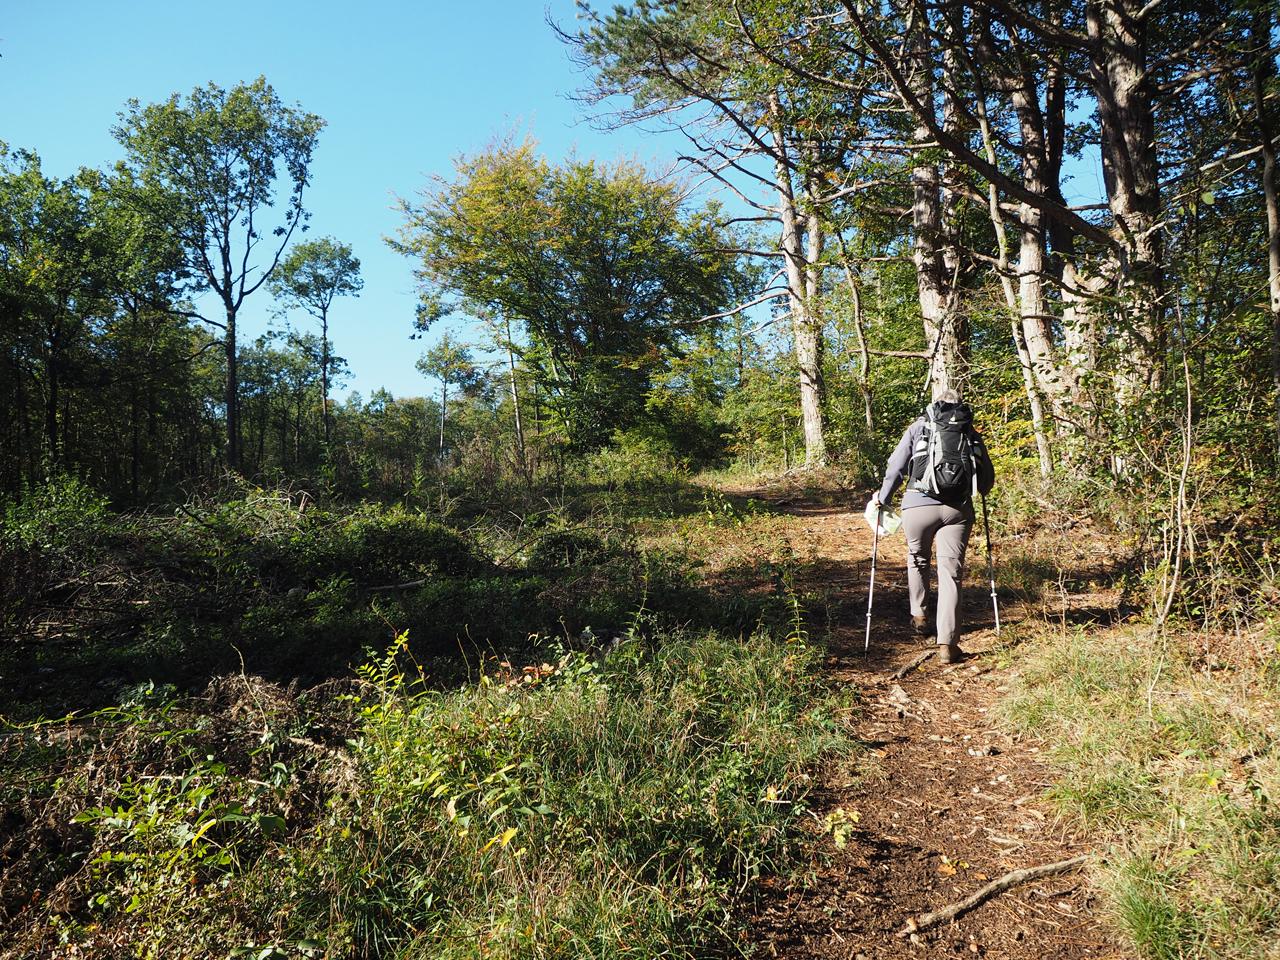 de eerste klim het bos in